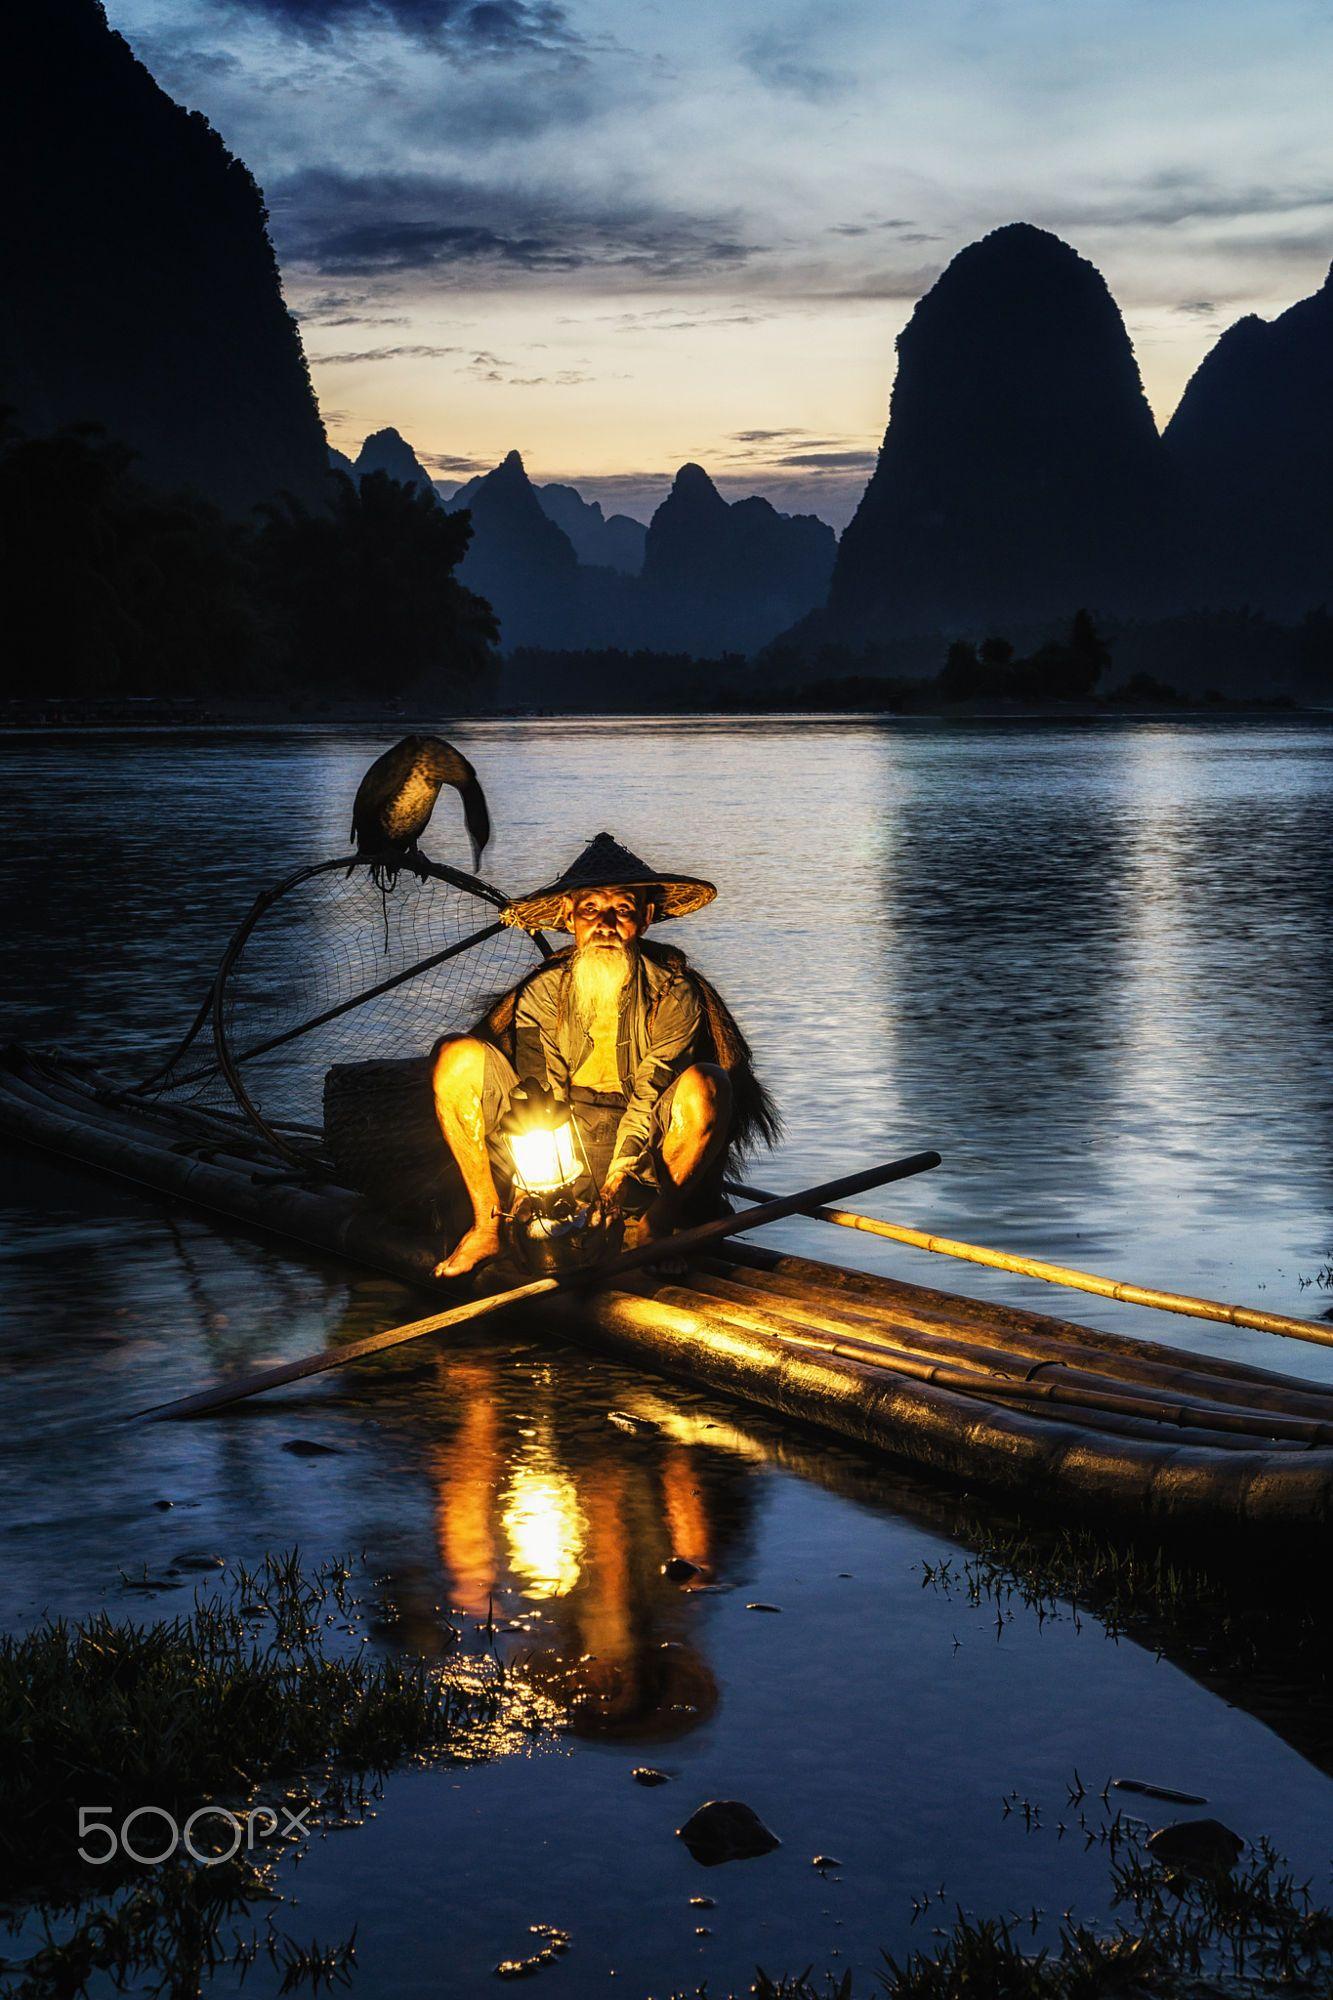 Famous cormorant fisherman by the Li River. Taken in Xingping China.